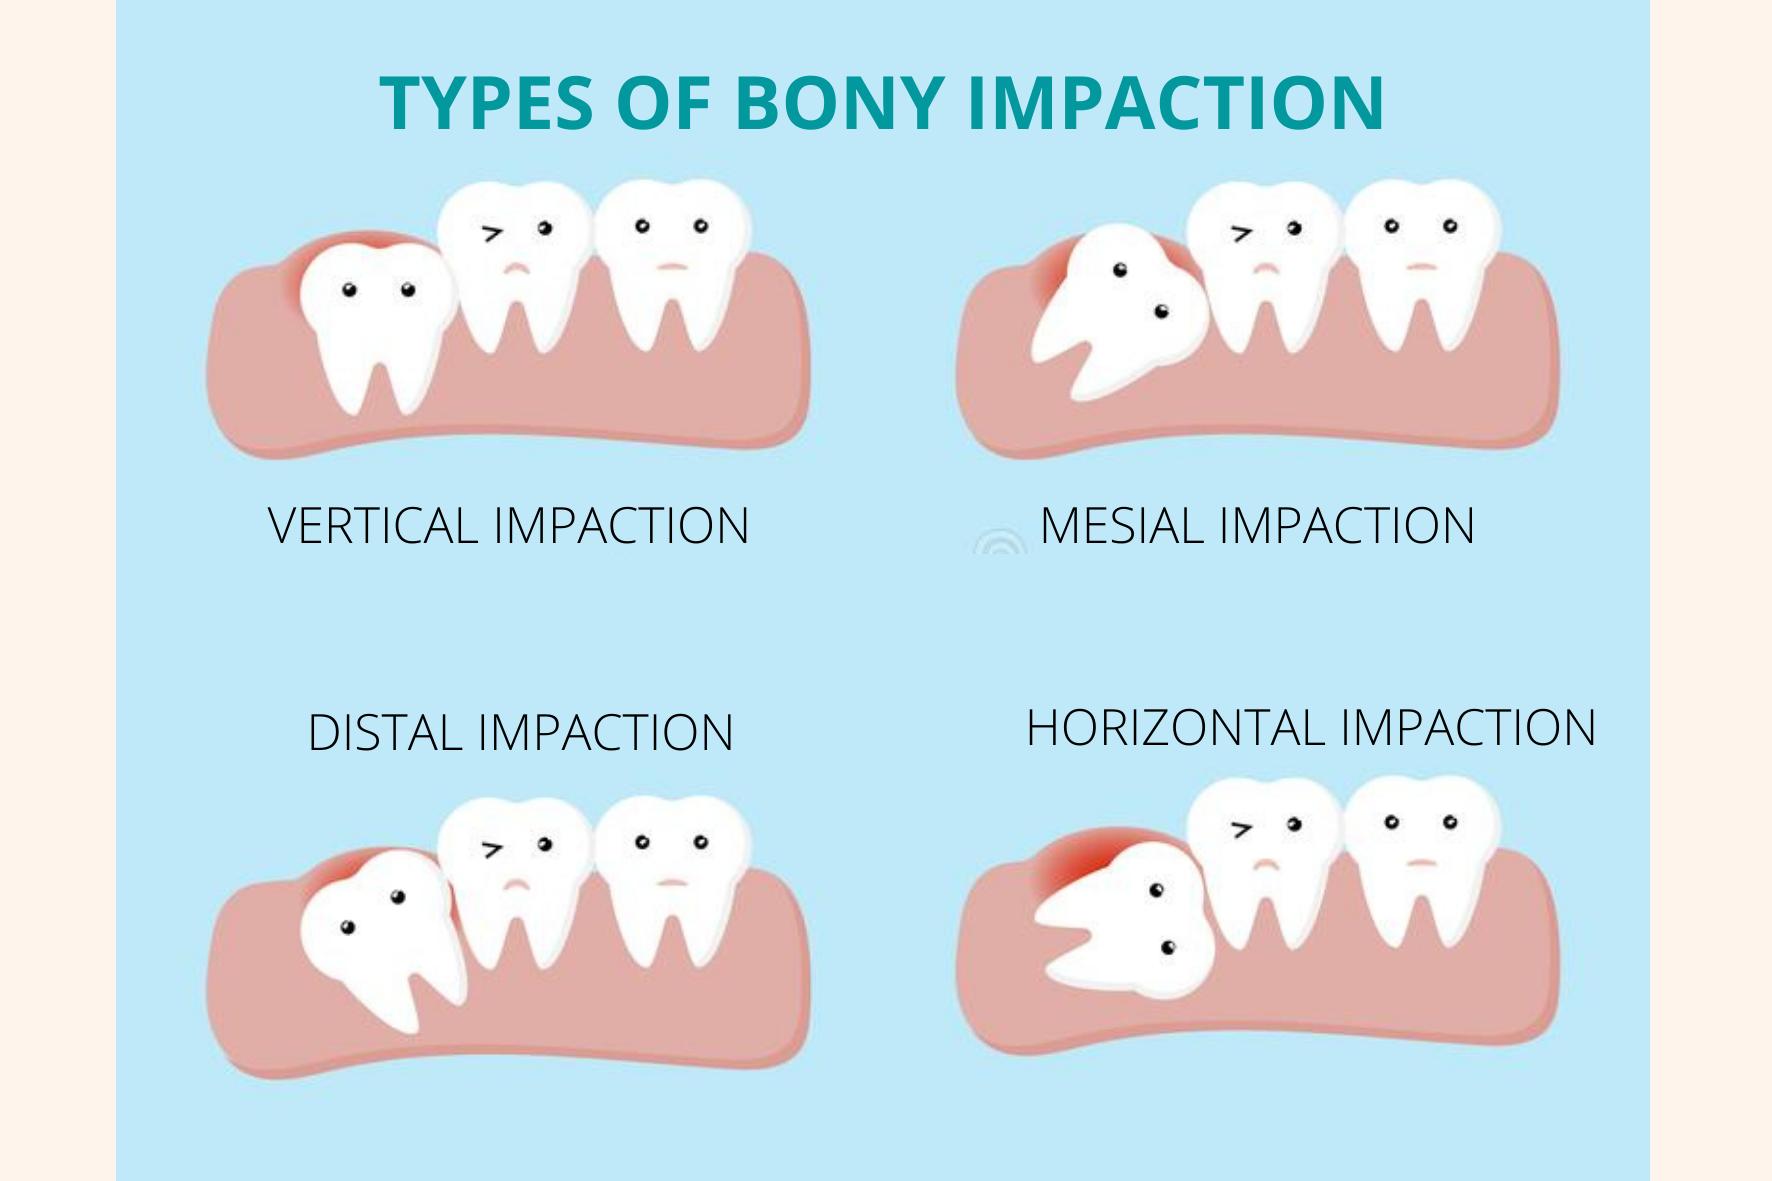 Types of Bony Wisdom Tooth Impaction